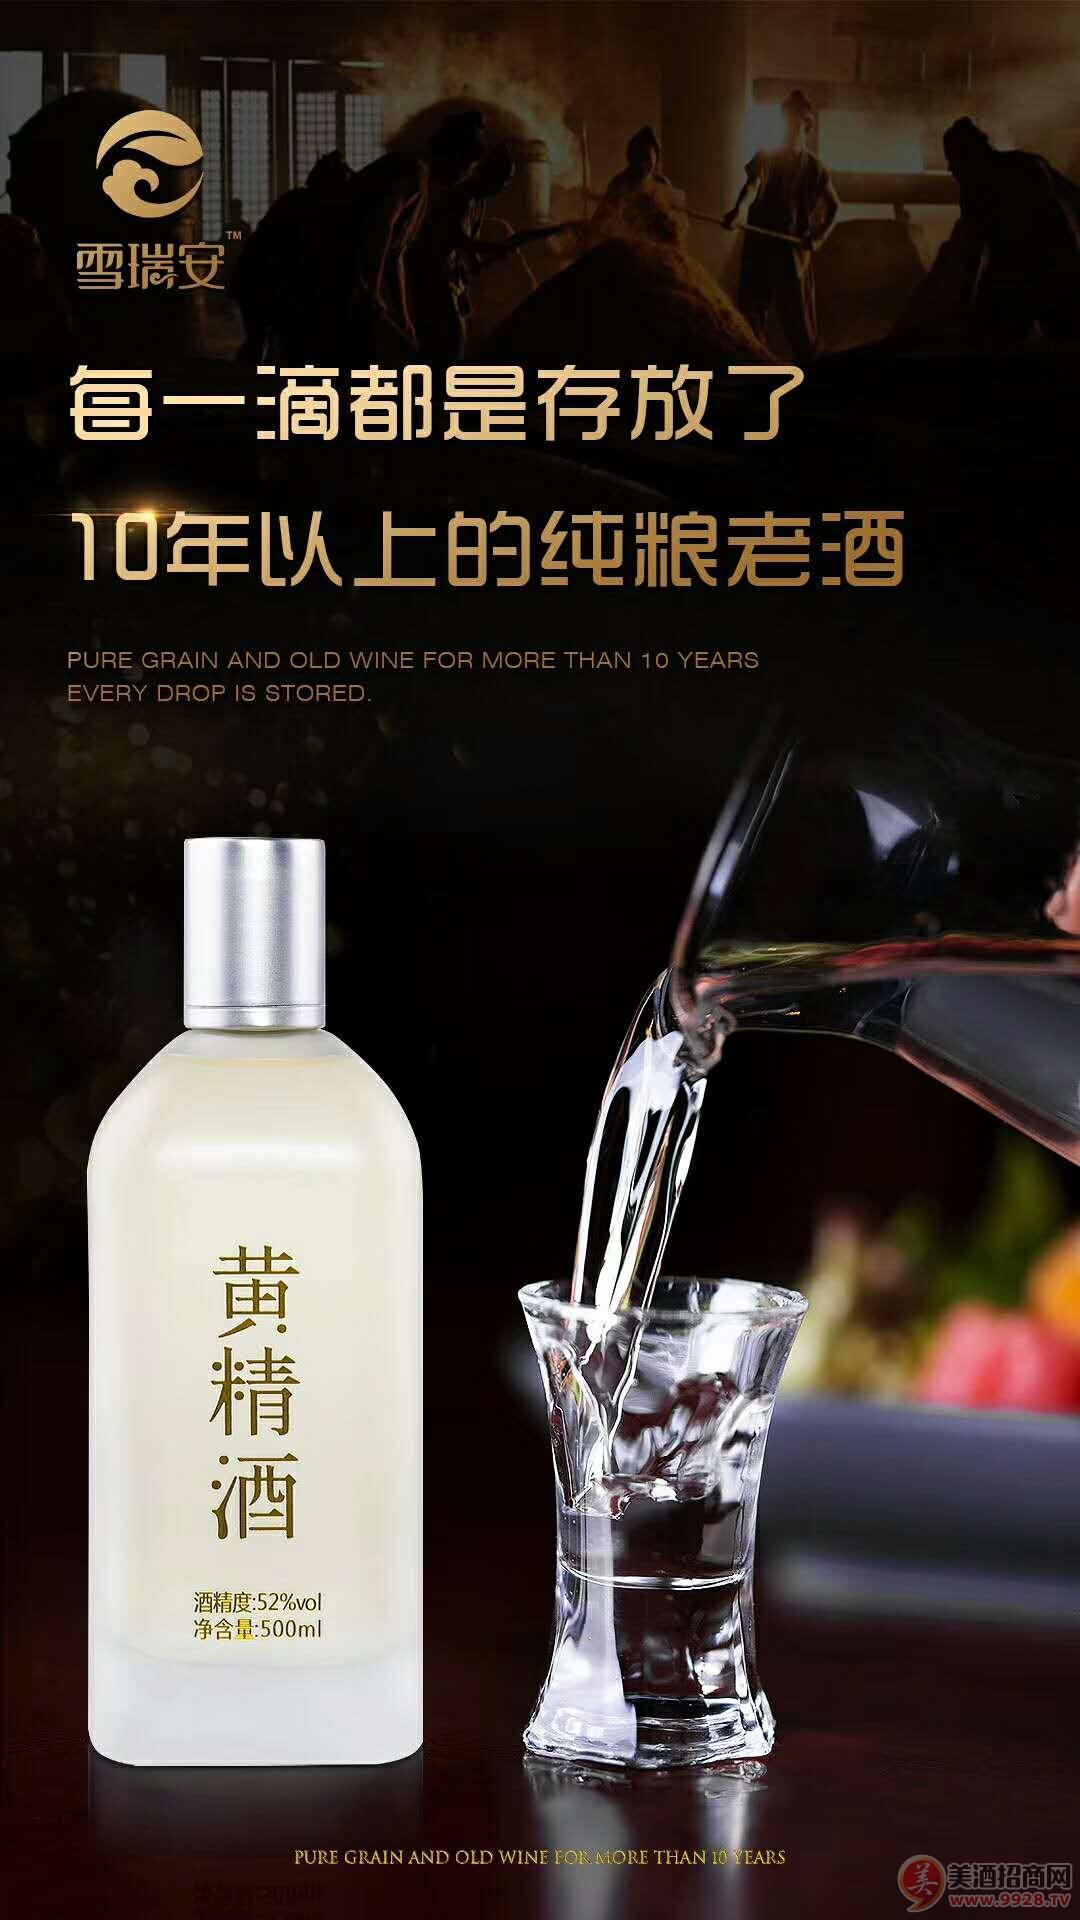 【发现美酒】黄精酒怎么代理?黄精酒怎?#37255;用耍? />                             </a> <span>                                 <a href=